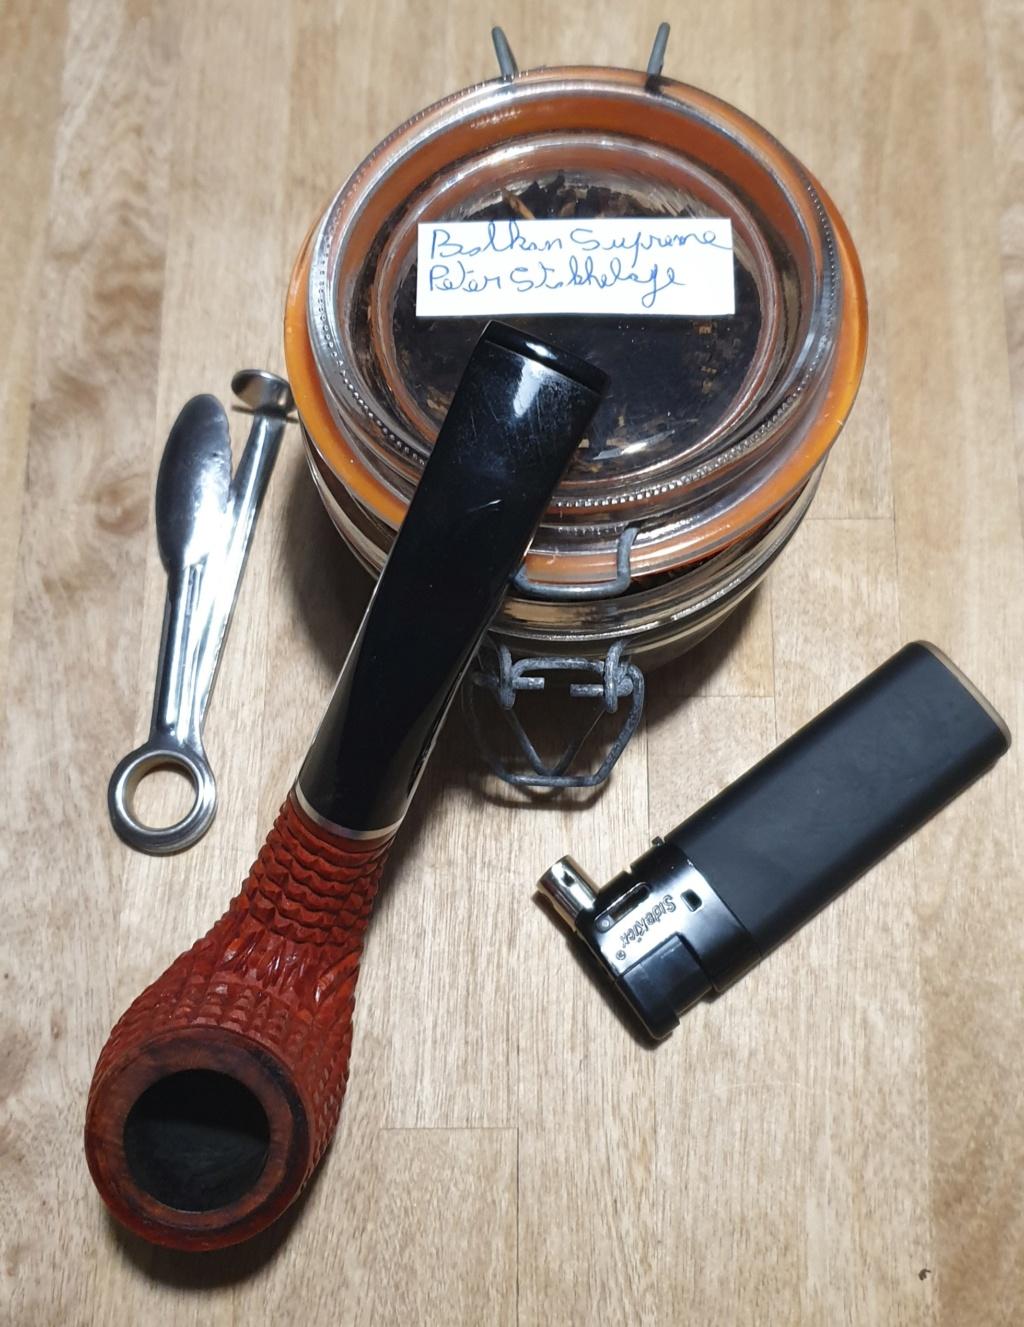 Le 7 décembre, les tabacs sont parés pour la St Ambroise !  20201224